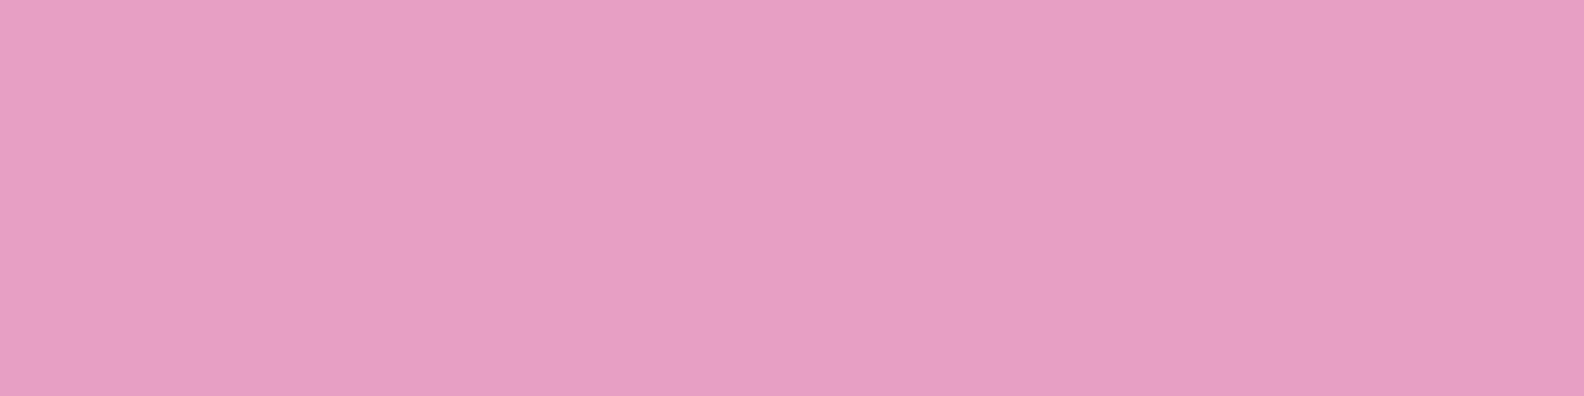 1584x396 Kobi Solid Color Background